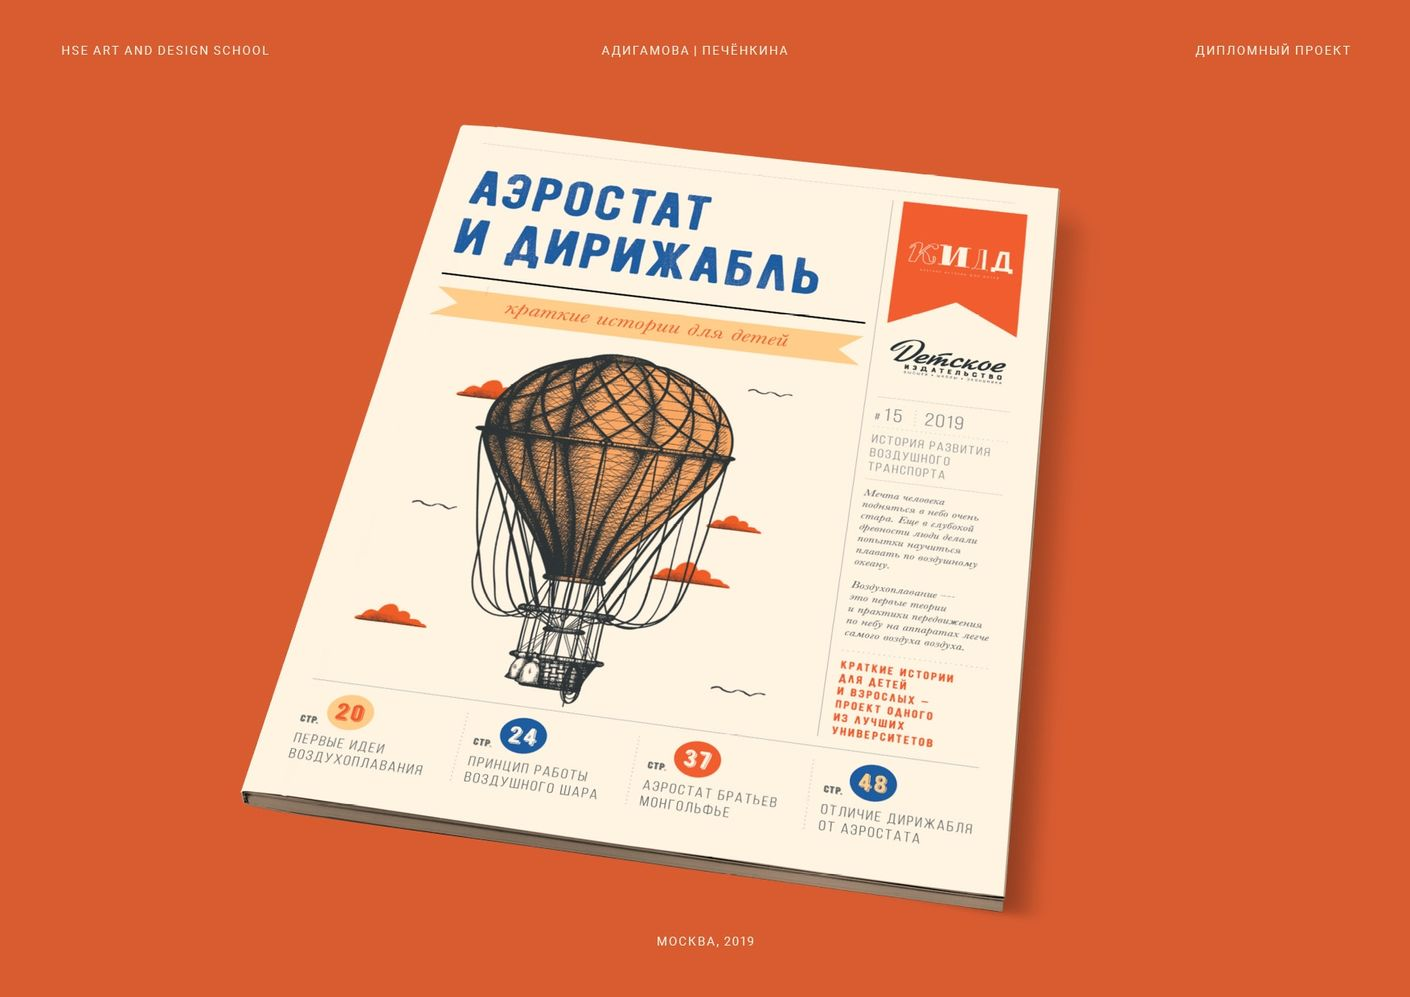 Детское издательство ВШЭ - примеры визуальных исследований-представлений книг для детей с потрясающими иллюстрациями Лаборатория дизайна НИУ ВШЭ- hsedesignlab.ru